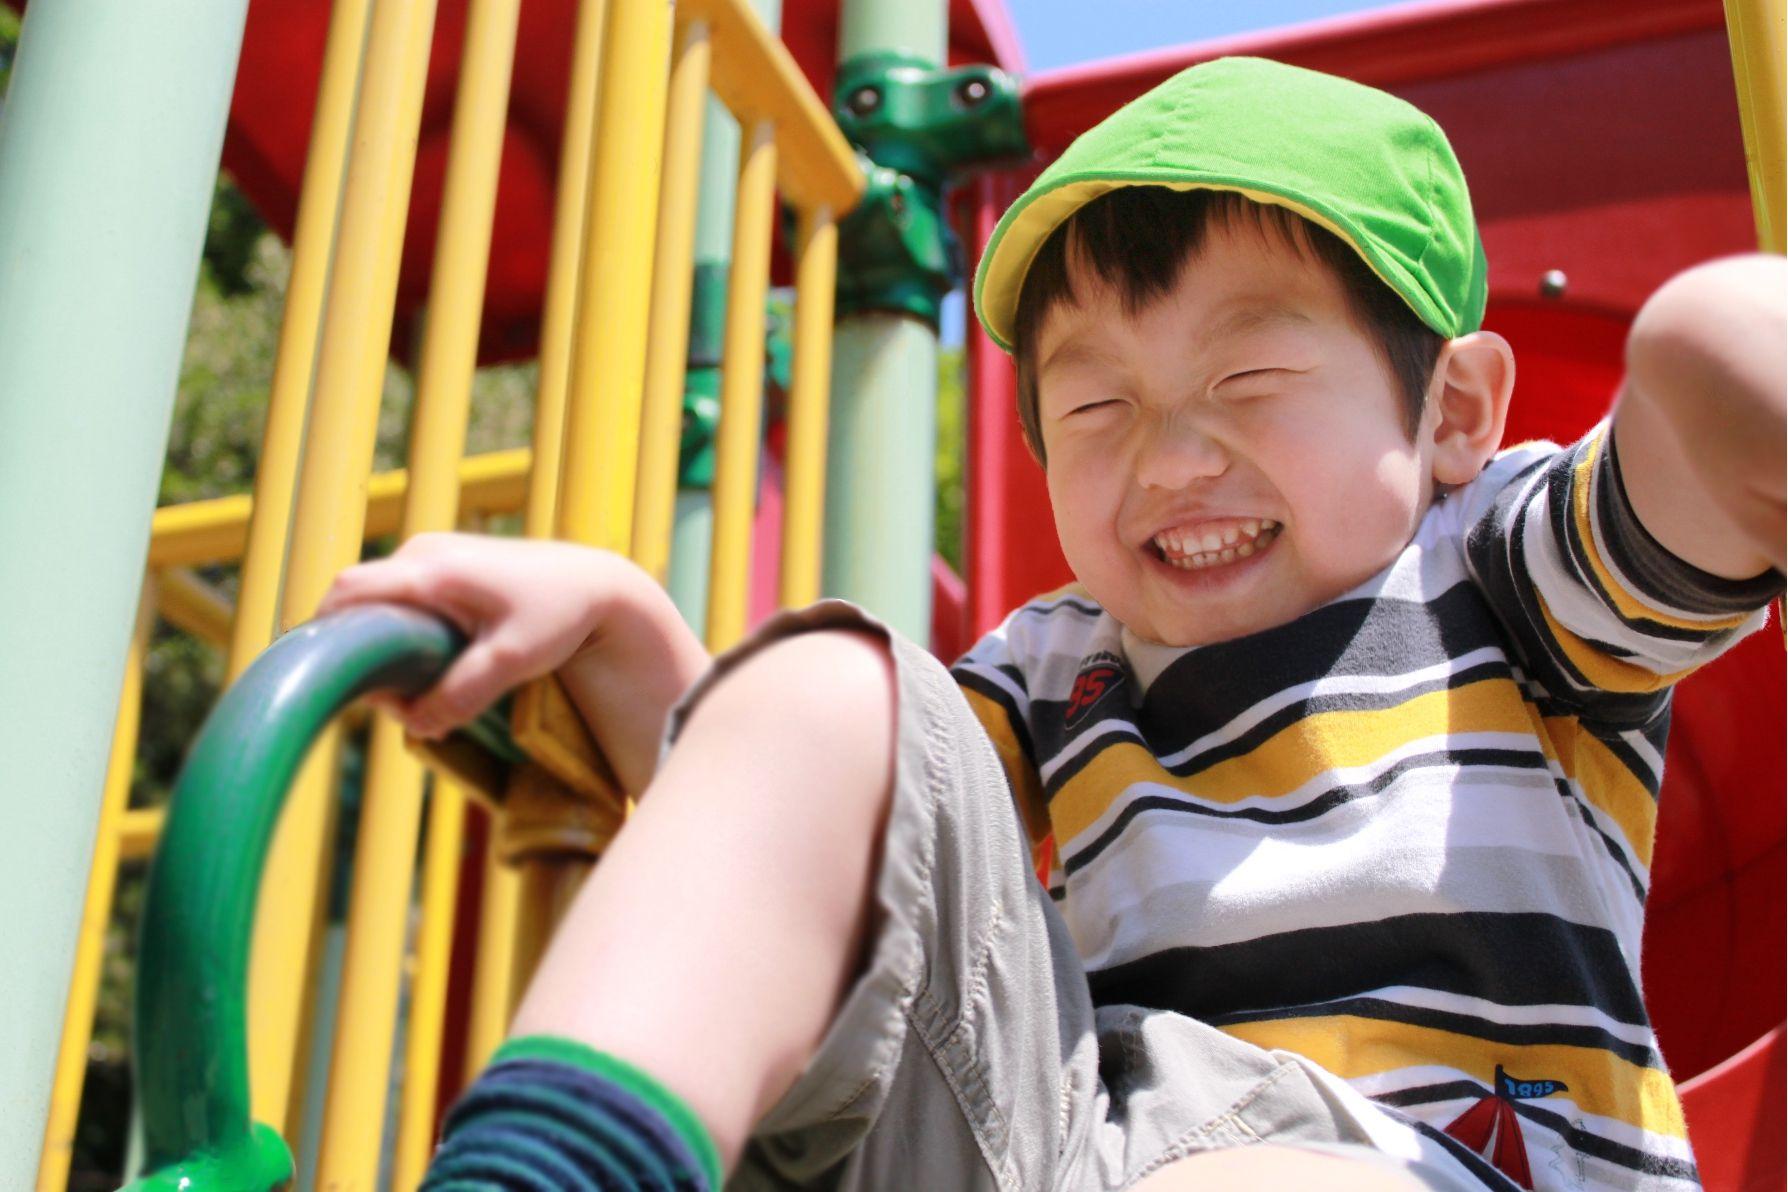 【2018年4月開園予定】面接交通費支給★天然木の優しいぬくもりある保育園!子ども達の笑顔に囲まれながらお仕事しませんか?日祝はお休み♪